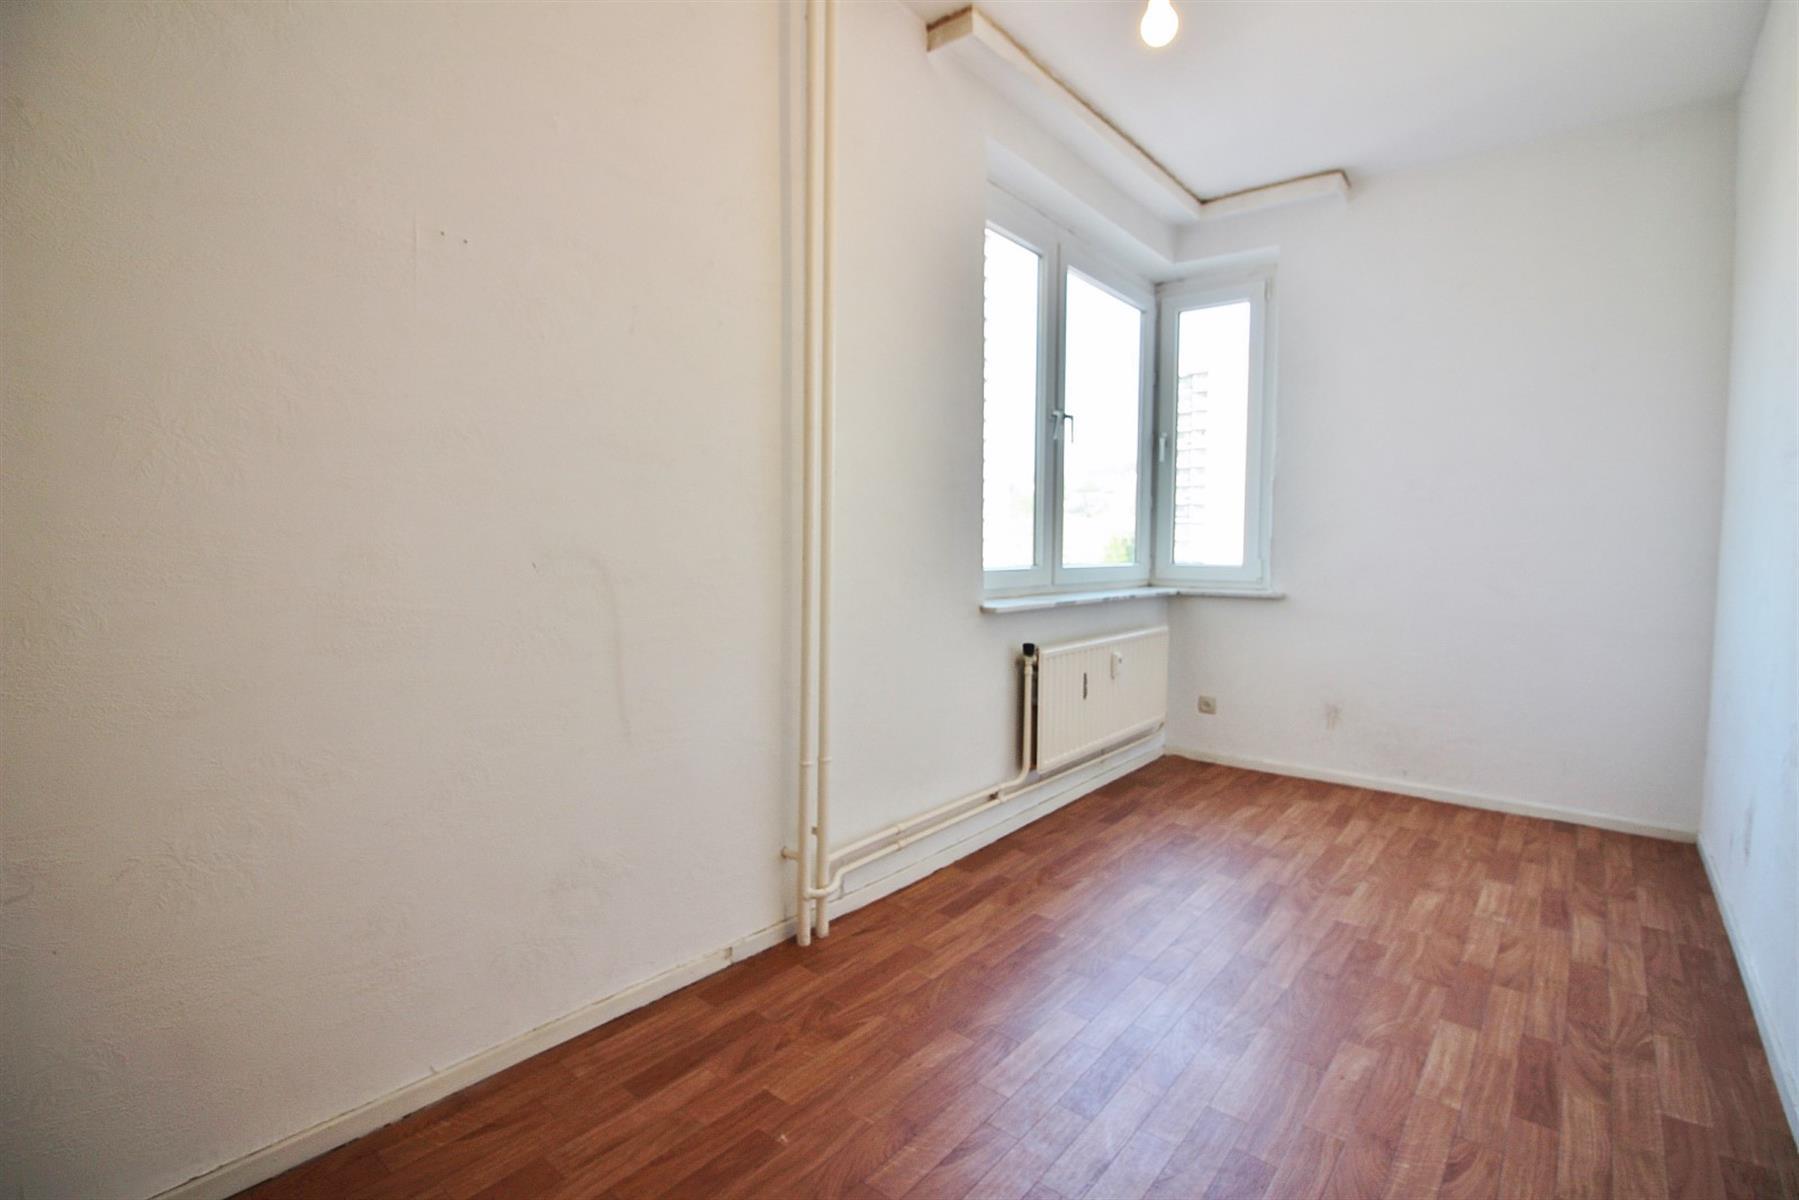 Appartement - Liege - #4348061-13